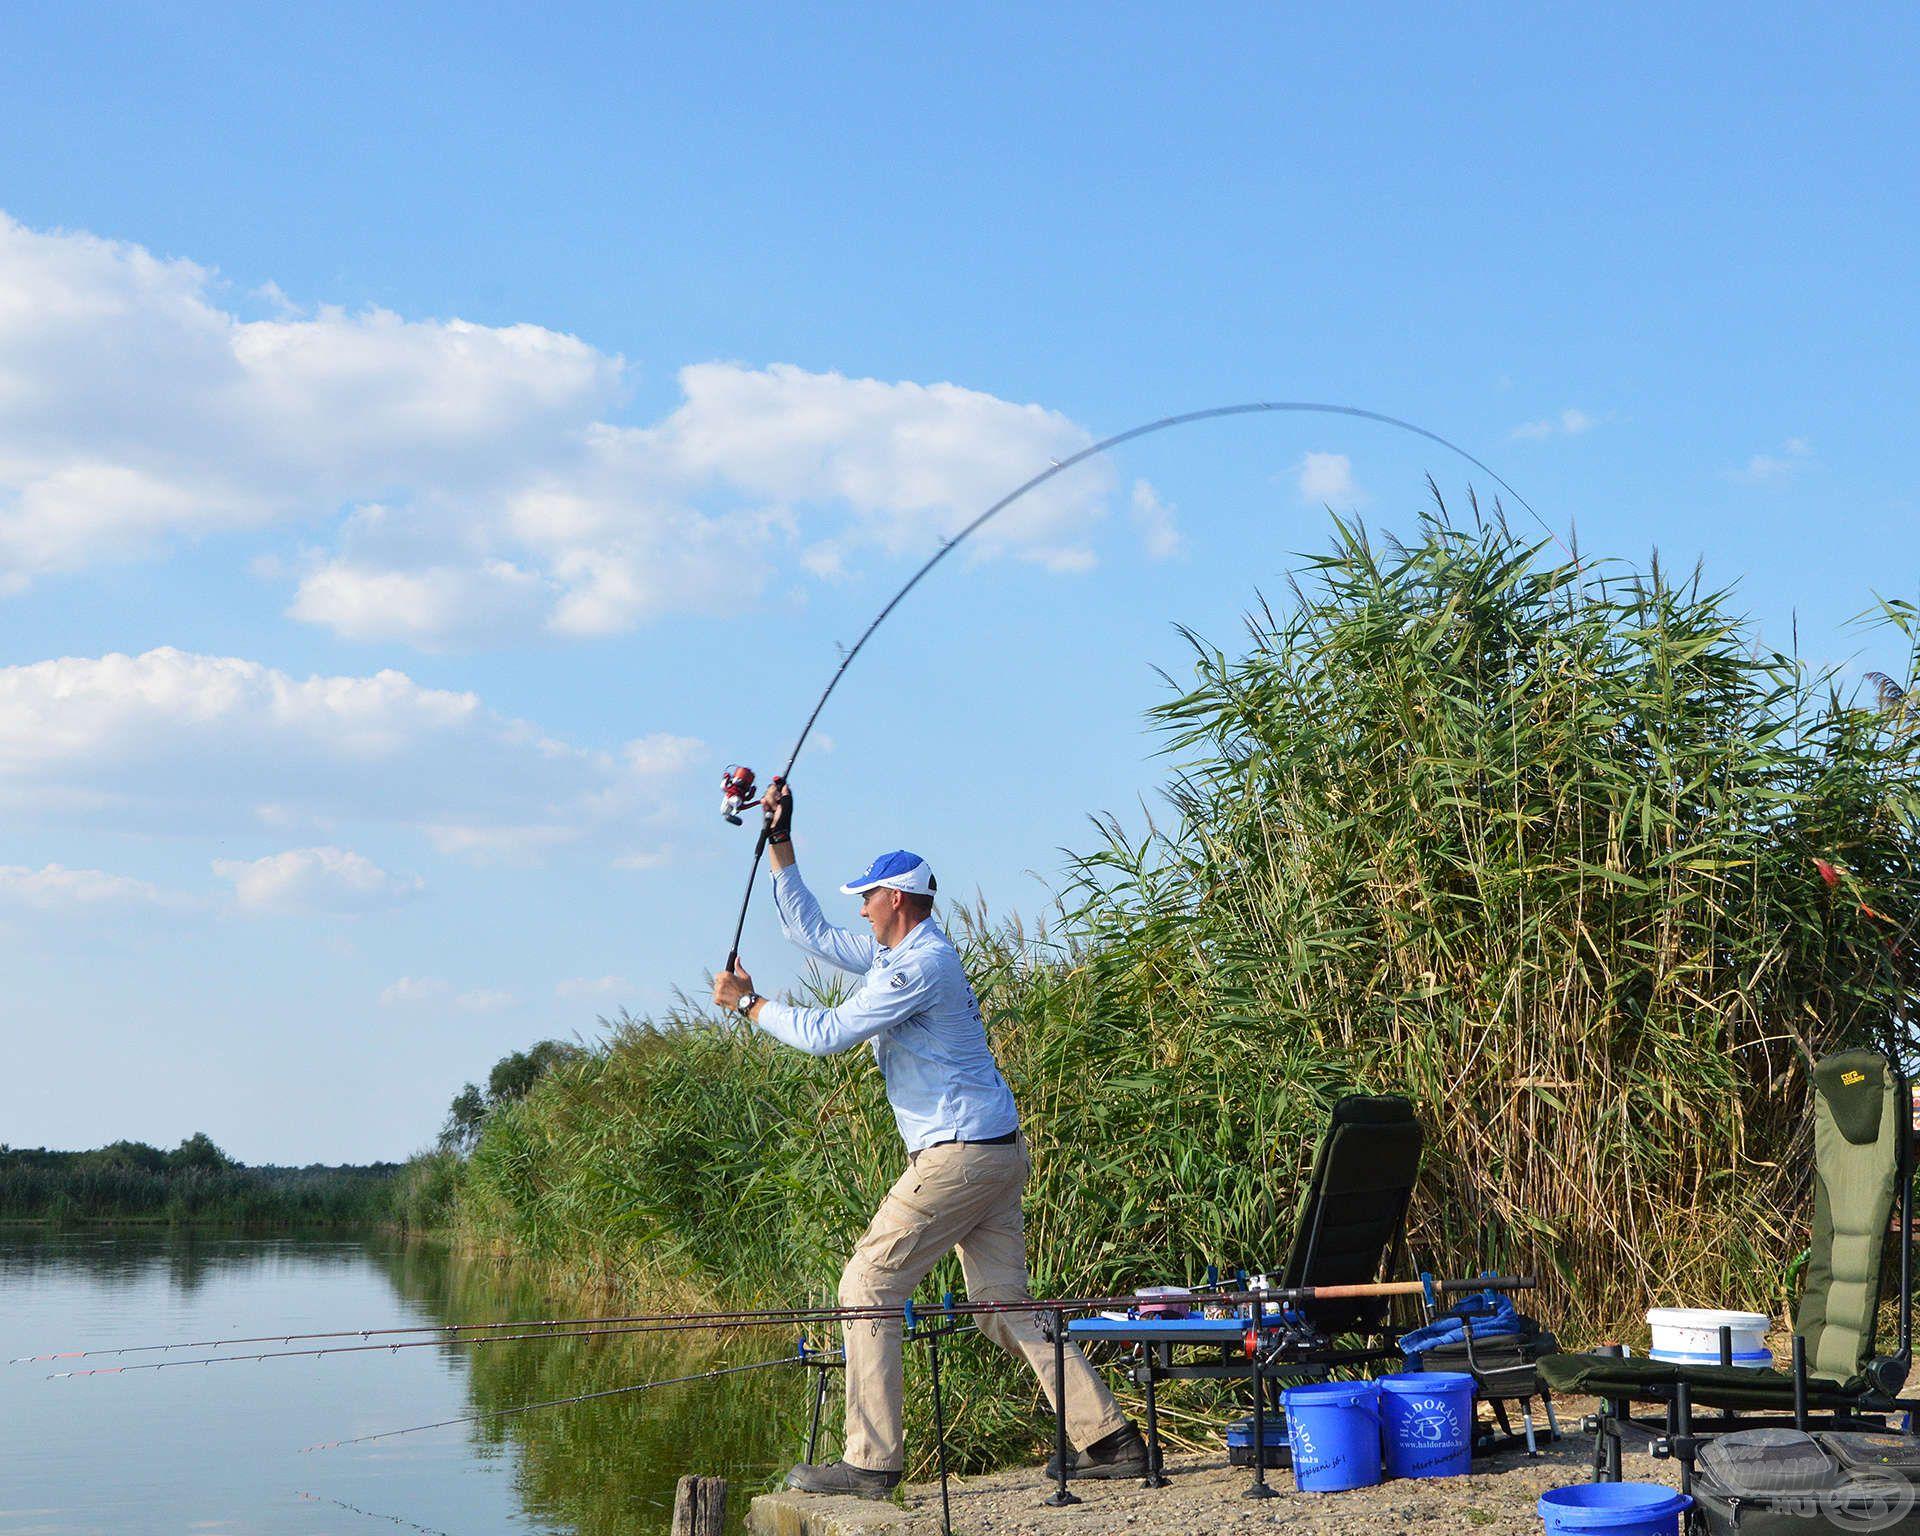 Millér-tavi horgászatunk során én a távdobó keresőhorgászat taktikájával próbálkoztam